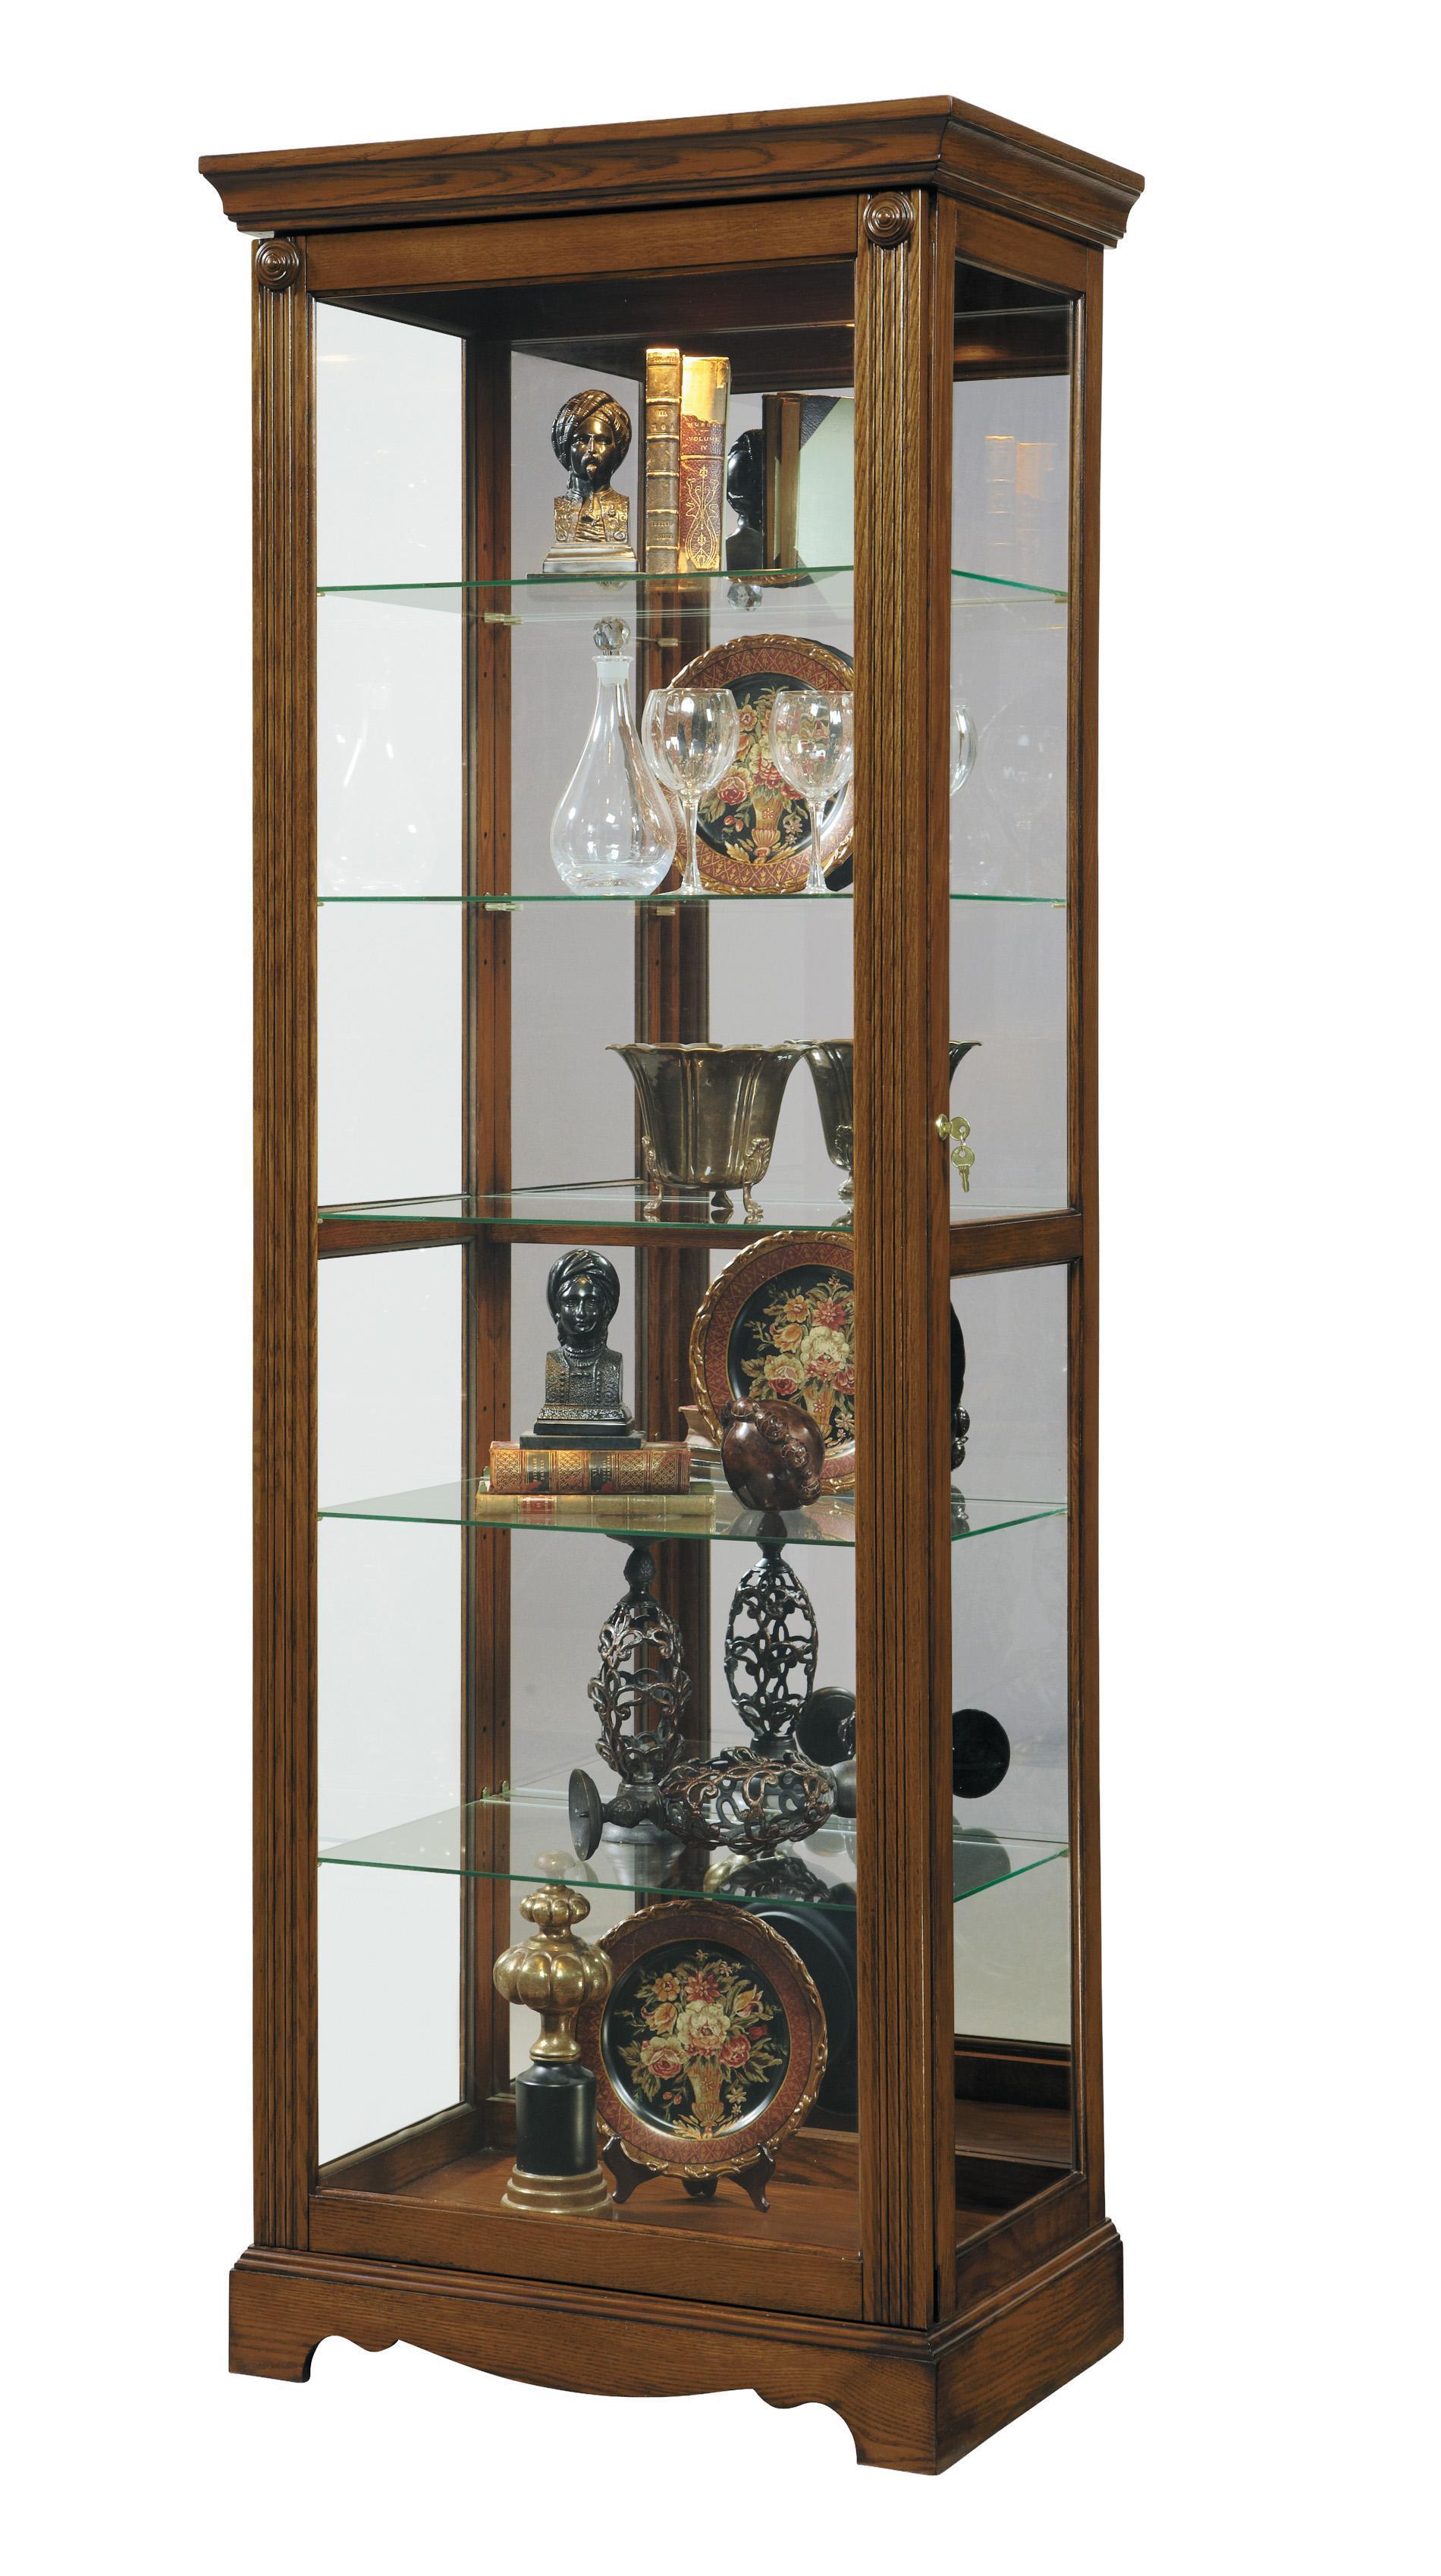 Pulaski Furniture Curios Curio - Item Number: 21458